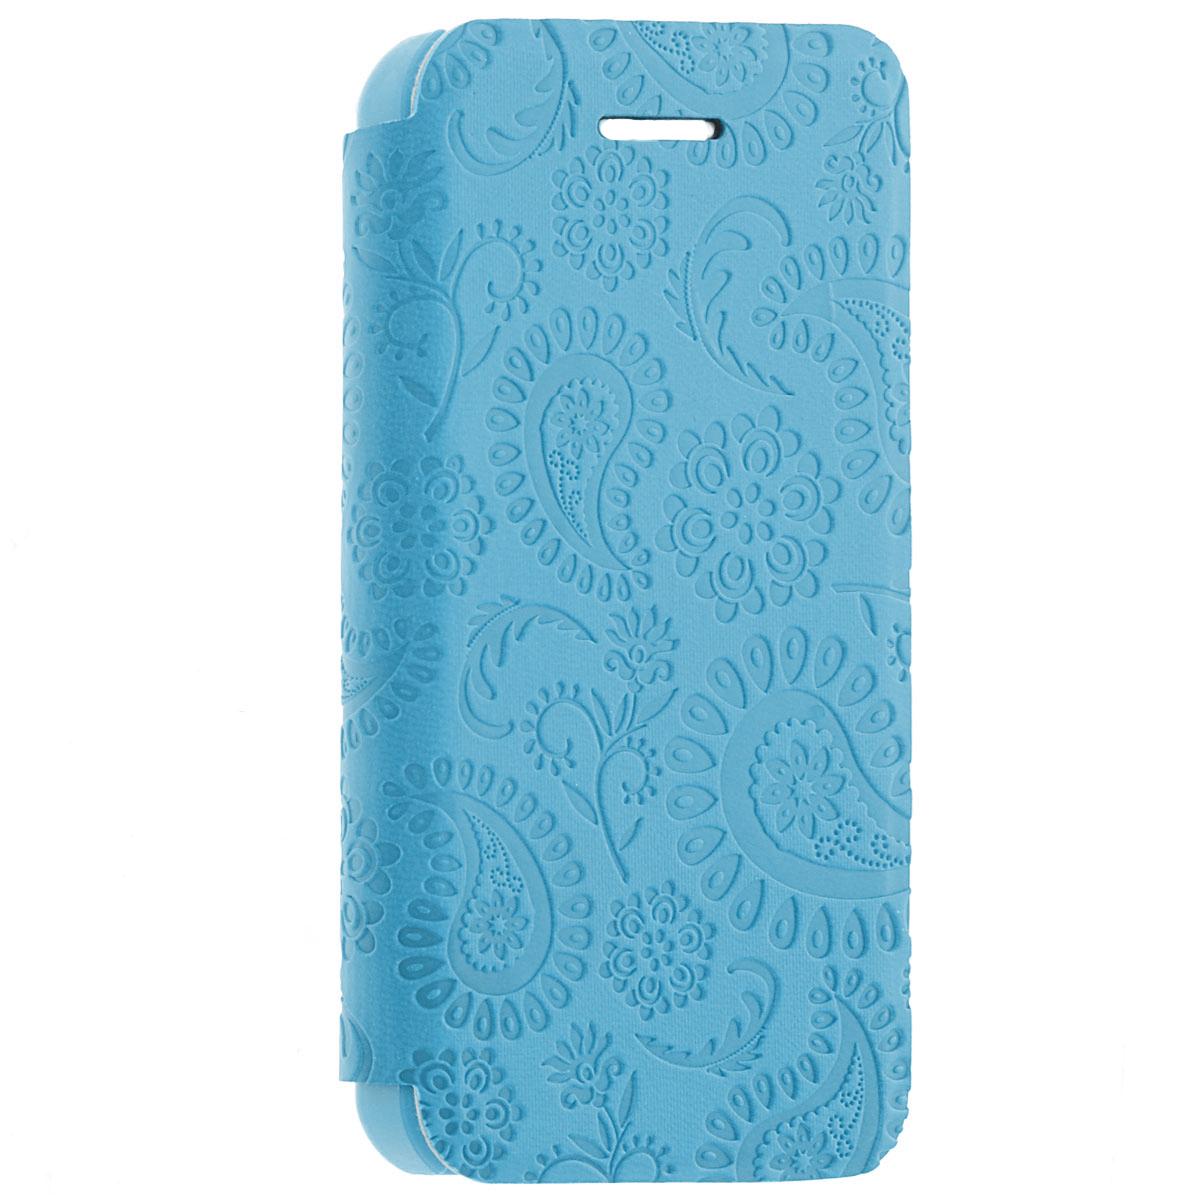 Gissar Paisley чехол для Apple iPhone 5c, Blue51259Чехол Gissar Paisley для iPhone 5C предназначен для защиты корпуса смартфона от механических повреждений и царапин в процессе эксплуатации. Имеет свободный доступ ко всем разъемам и кнопкам устройства.